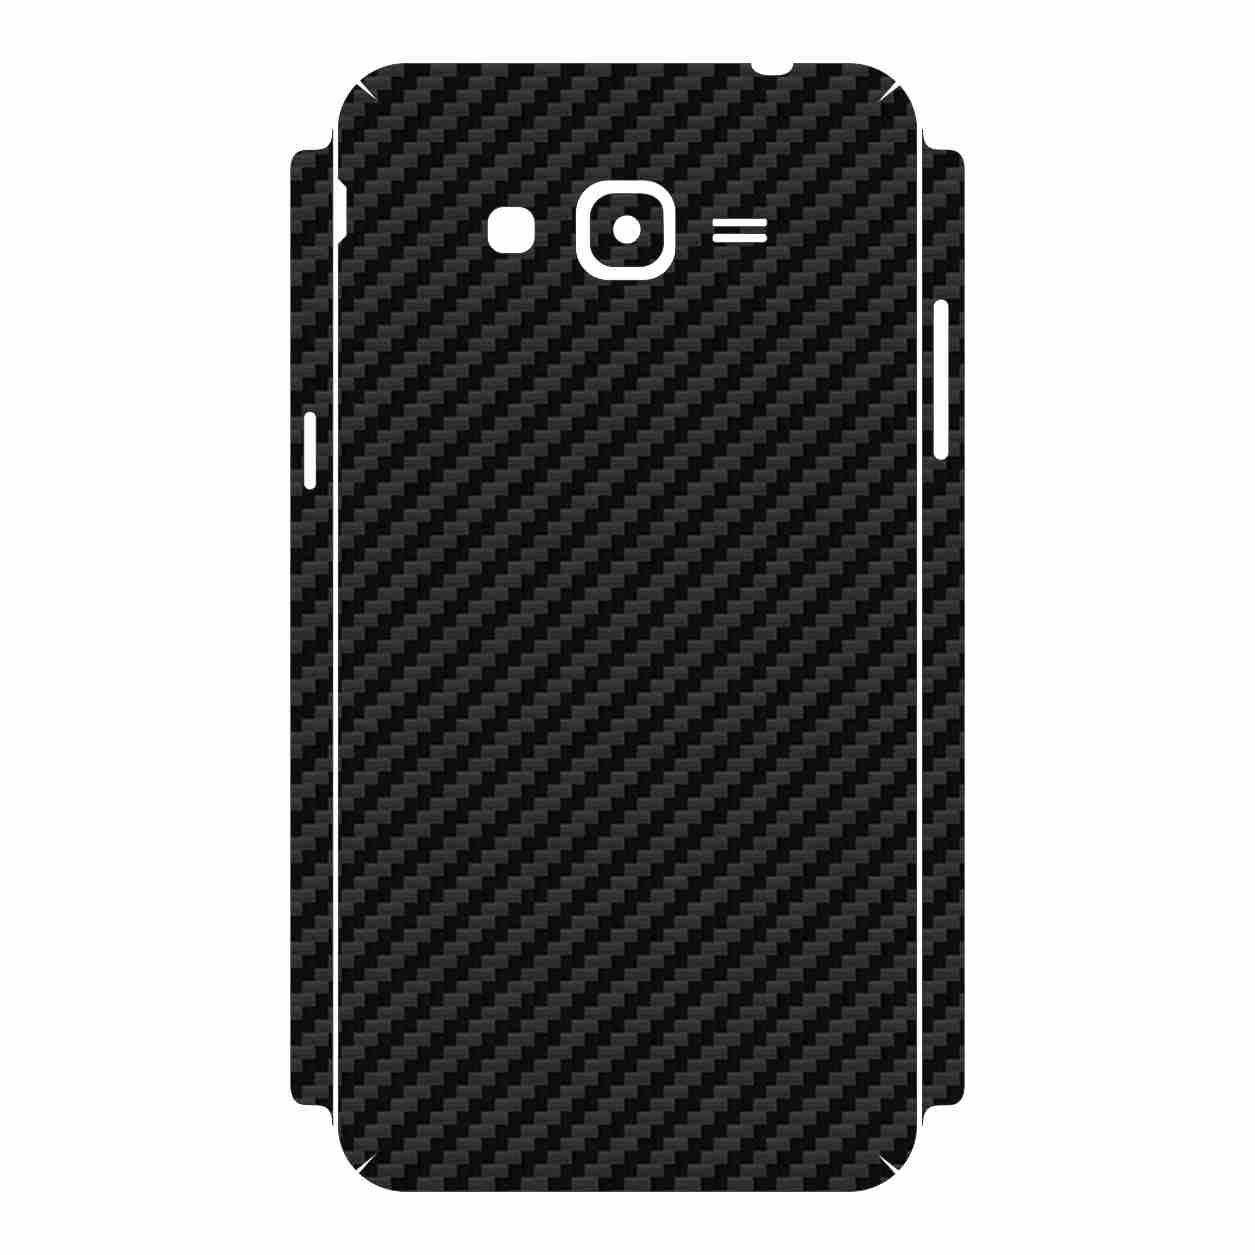 برچسب پوششی مدل FIBR101 مناسب برای گوشی موبایل سامسونگ GRAND PRIME G530 / G531 / G532